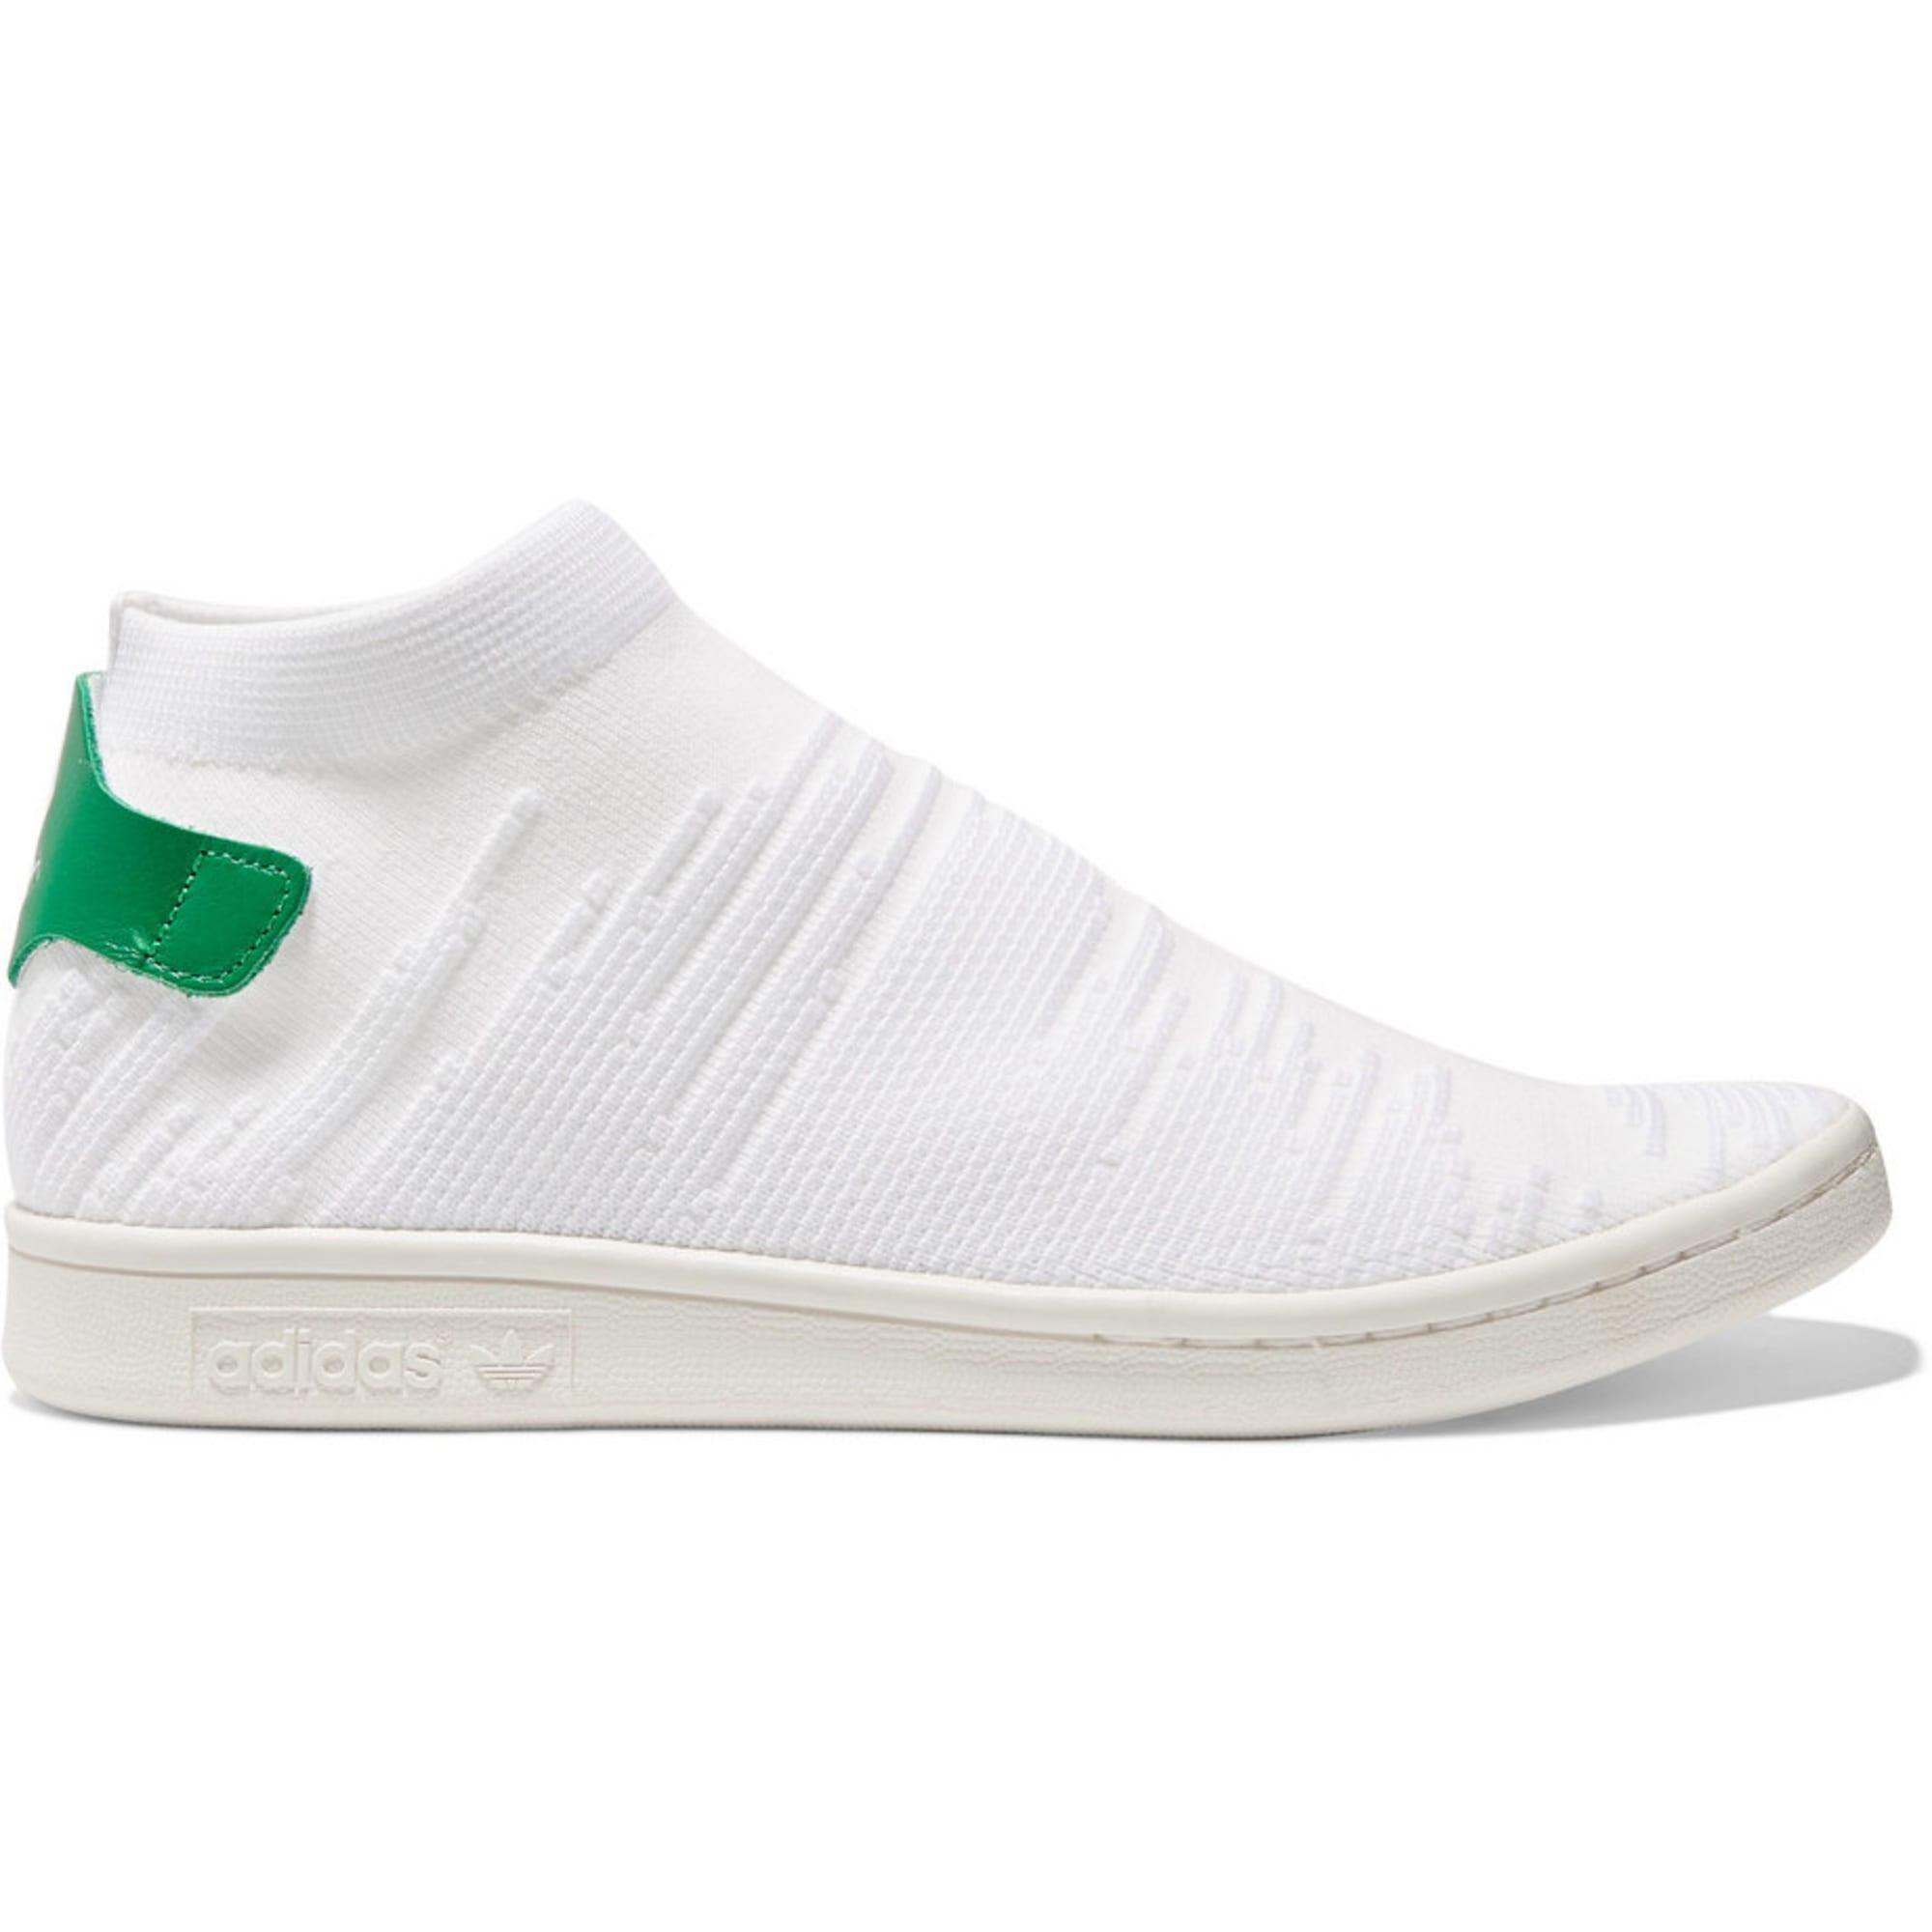 Sneakers ADIDAS Stan Smith Weiß, elfenbeinfarben